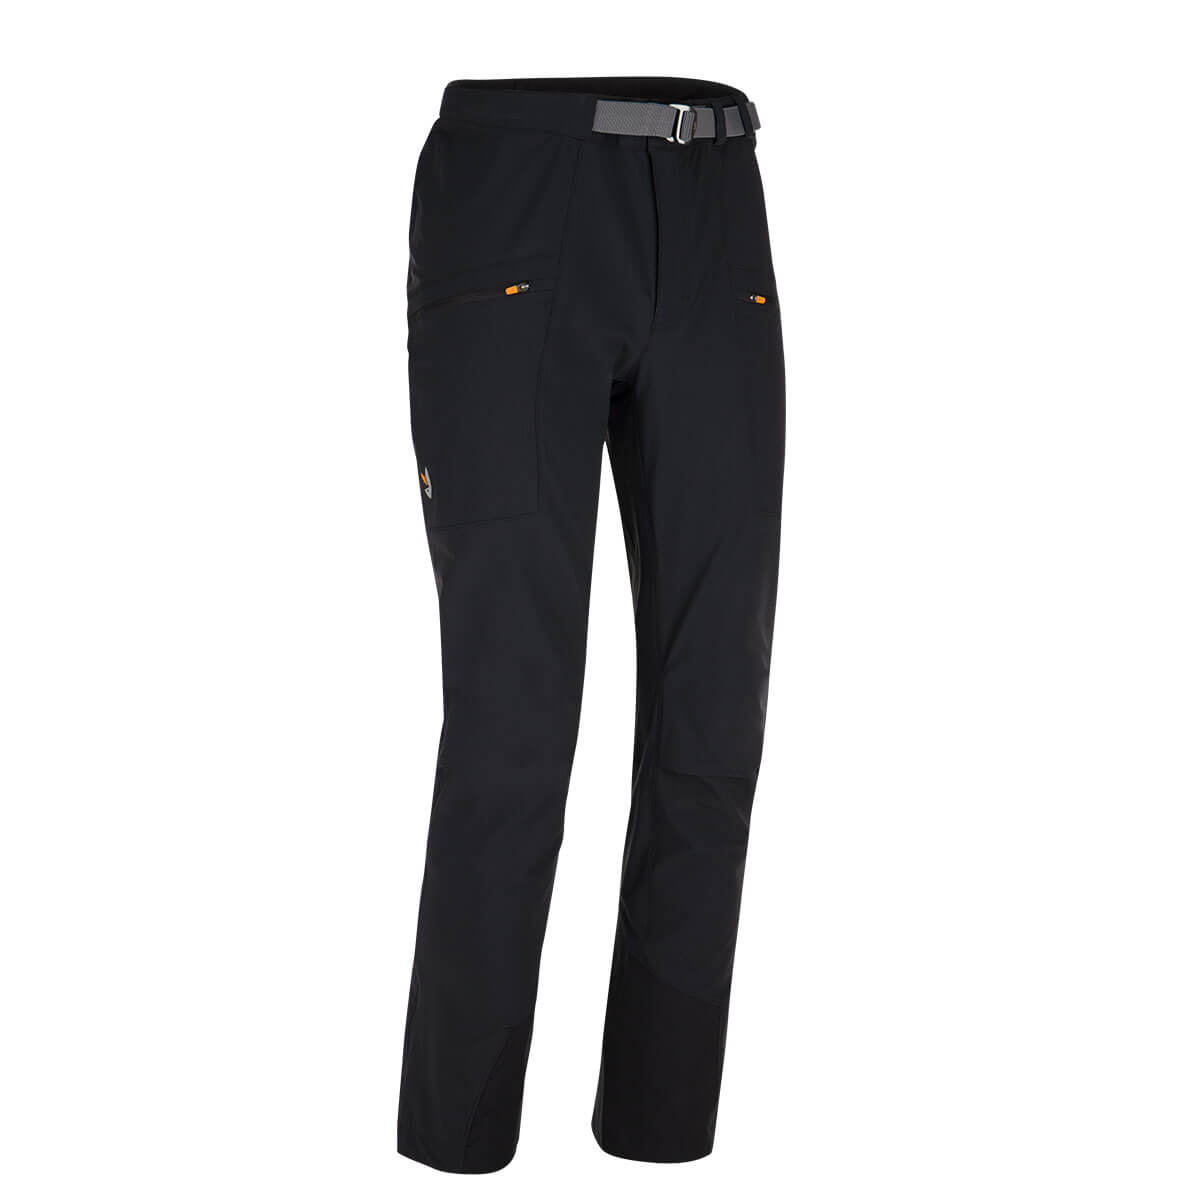 Nohavice Zajo Air LT Neo Pants Black - veľkosť M